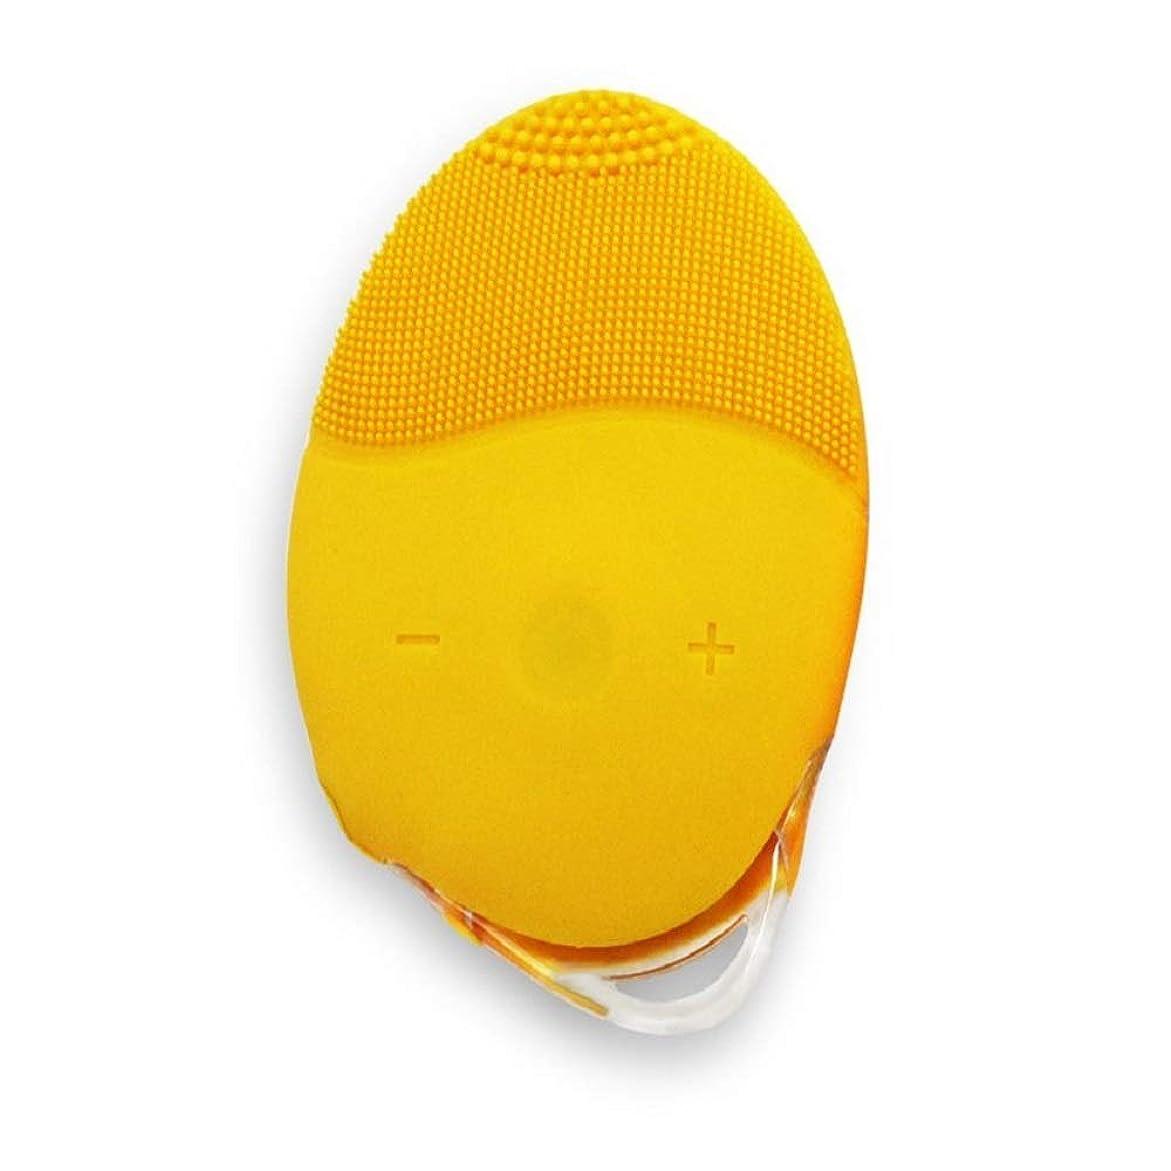 距離無条件再生BTXXYJP 洗顔器 洗顔ブラシ 柔らかい 洗顔 マッサージ にきび 毛穴ケア 黒ずみ 粗い毛穴改善 肌に優しい 耐久性 男女兼用 (Color : イエロー, Size : One Size)